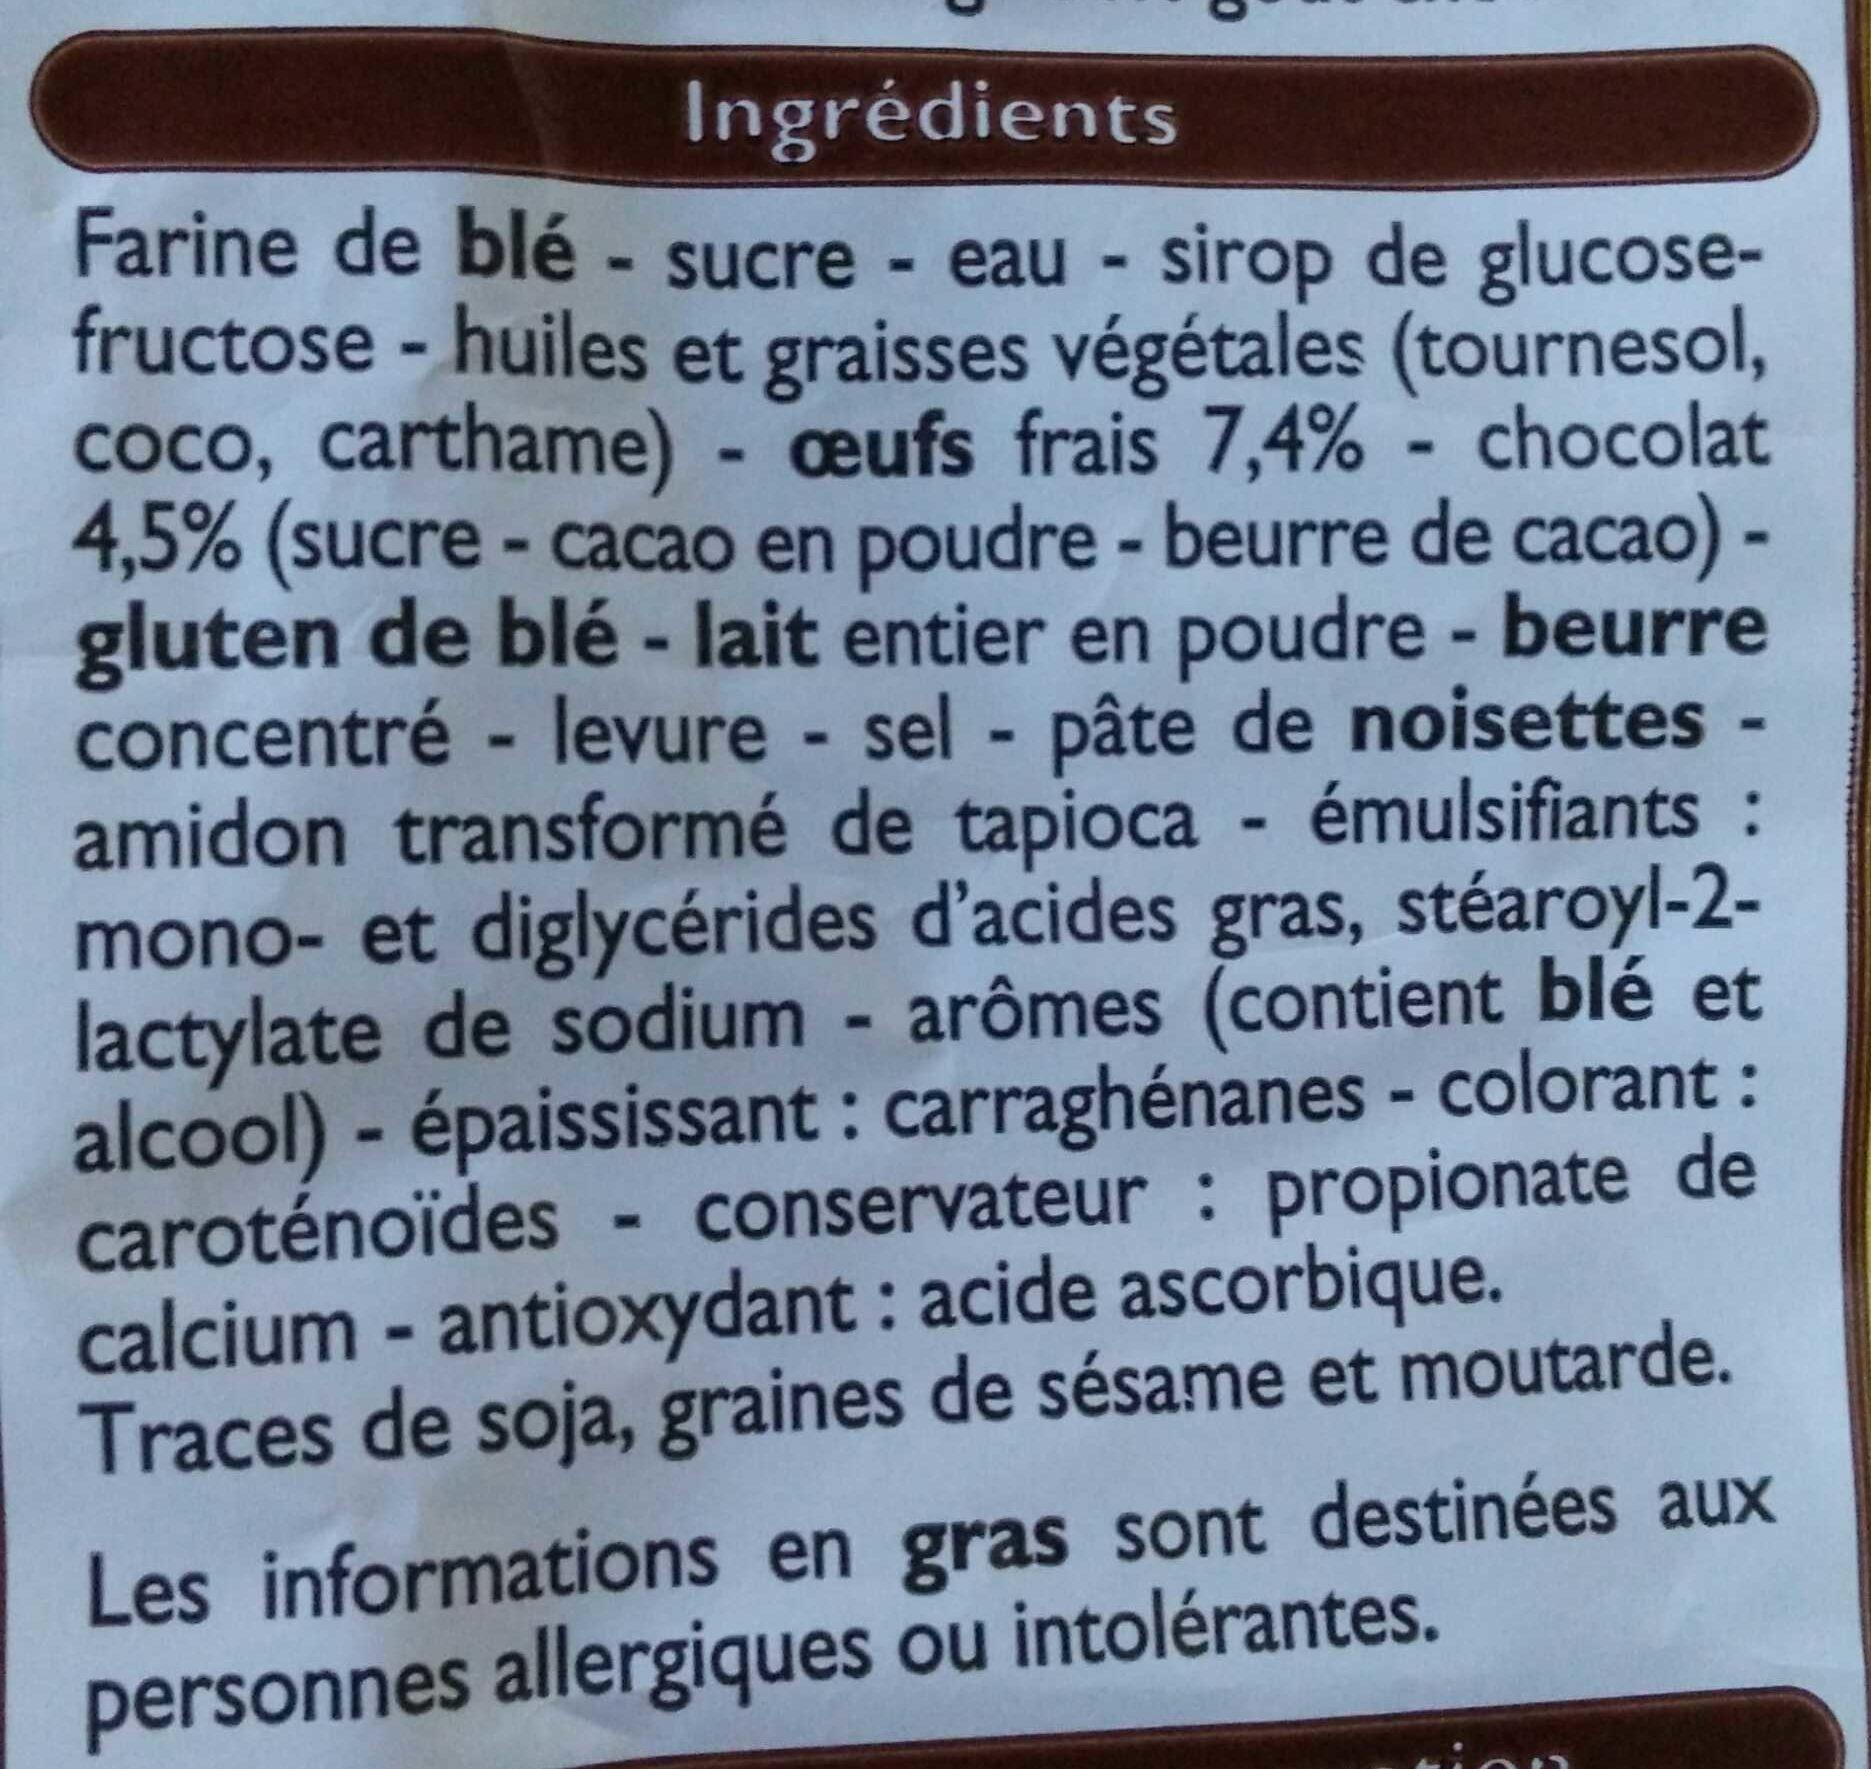 8 petites brioches fourrage goût chocolat - Ingrédients - fr